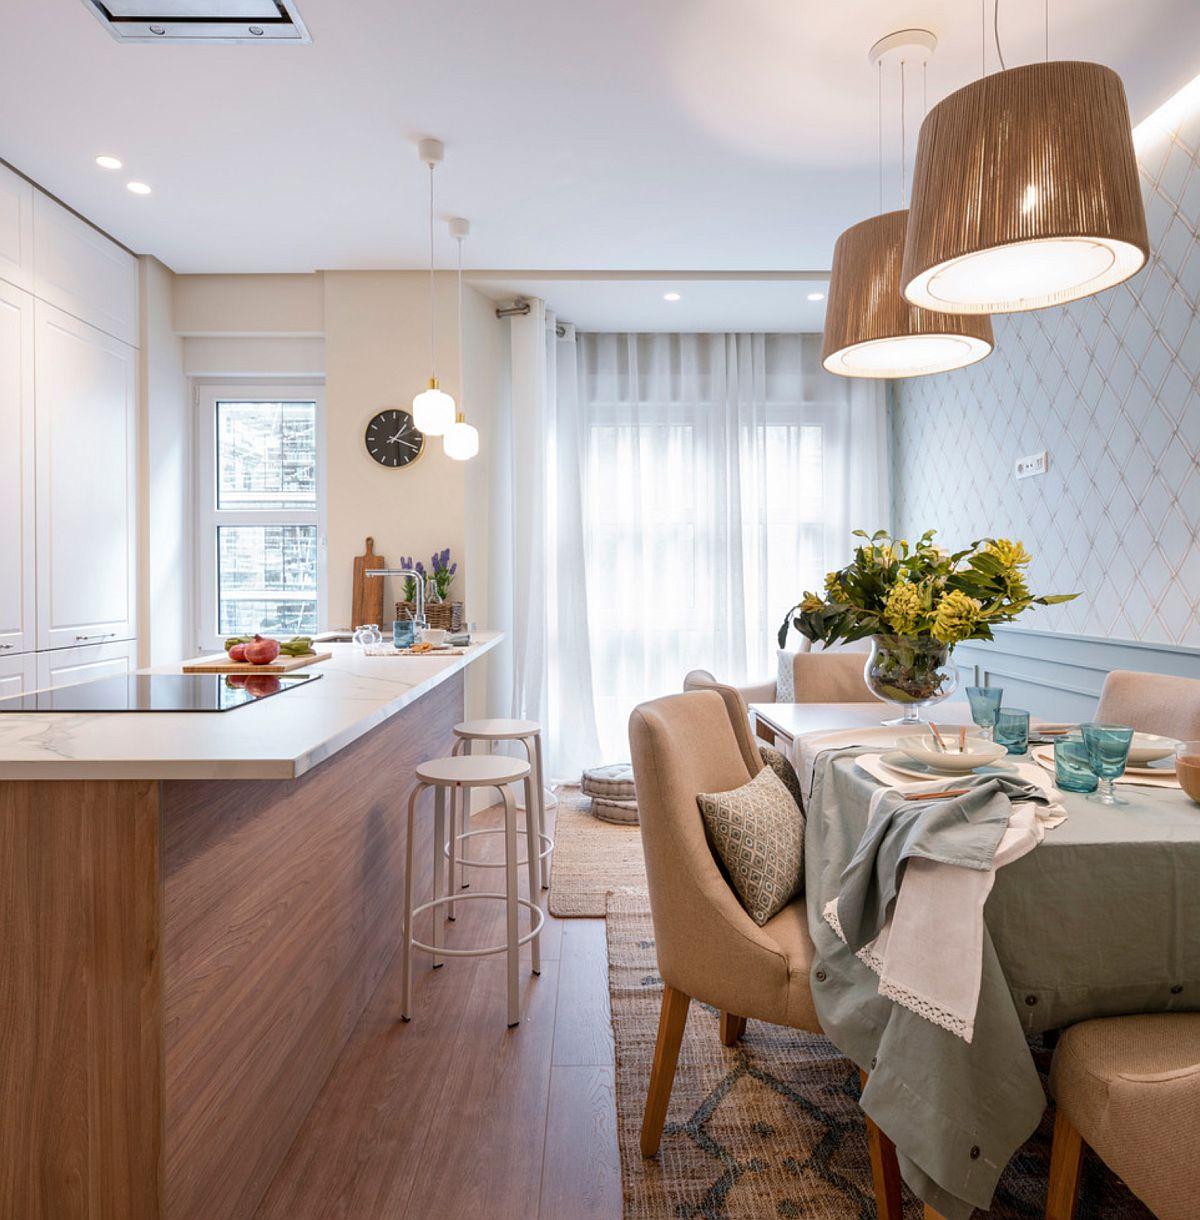 Designerii au prevăzut ca fosta bucătărie și fostul living să fie unite, dar apoi reorganizate astfel ca bucătăria să fie lângă ferestre pentru a putea fi ventilată natural. În plus, traseele de evacuare pentru hotă au fost mai ușor de trasat din această parte.